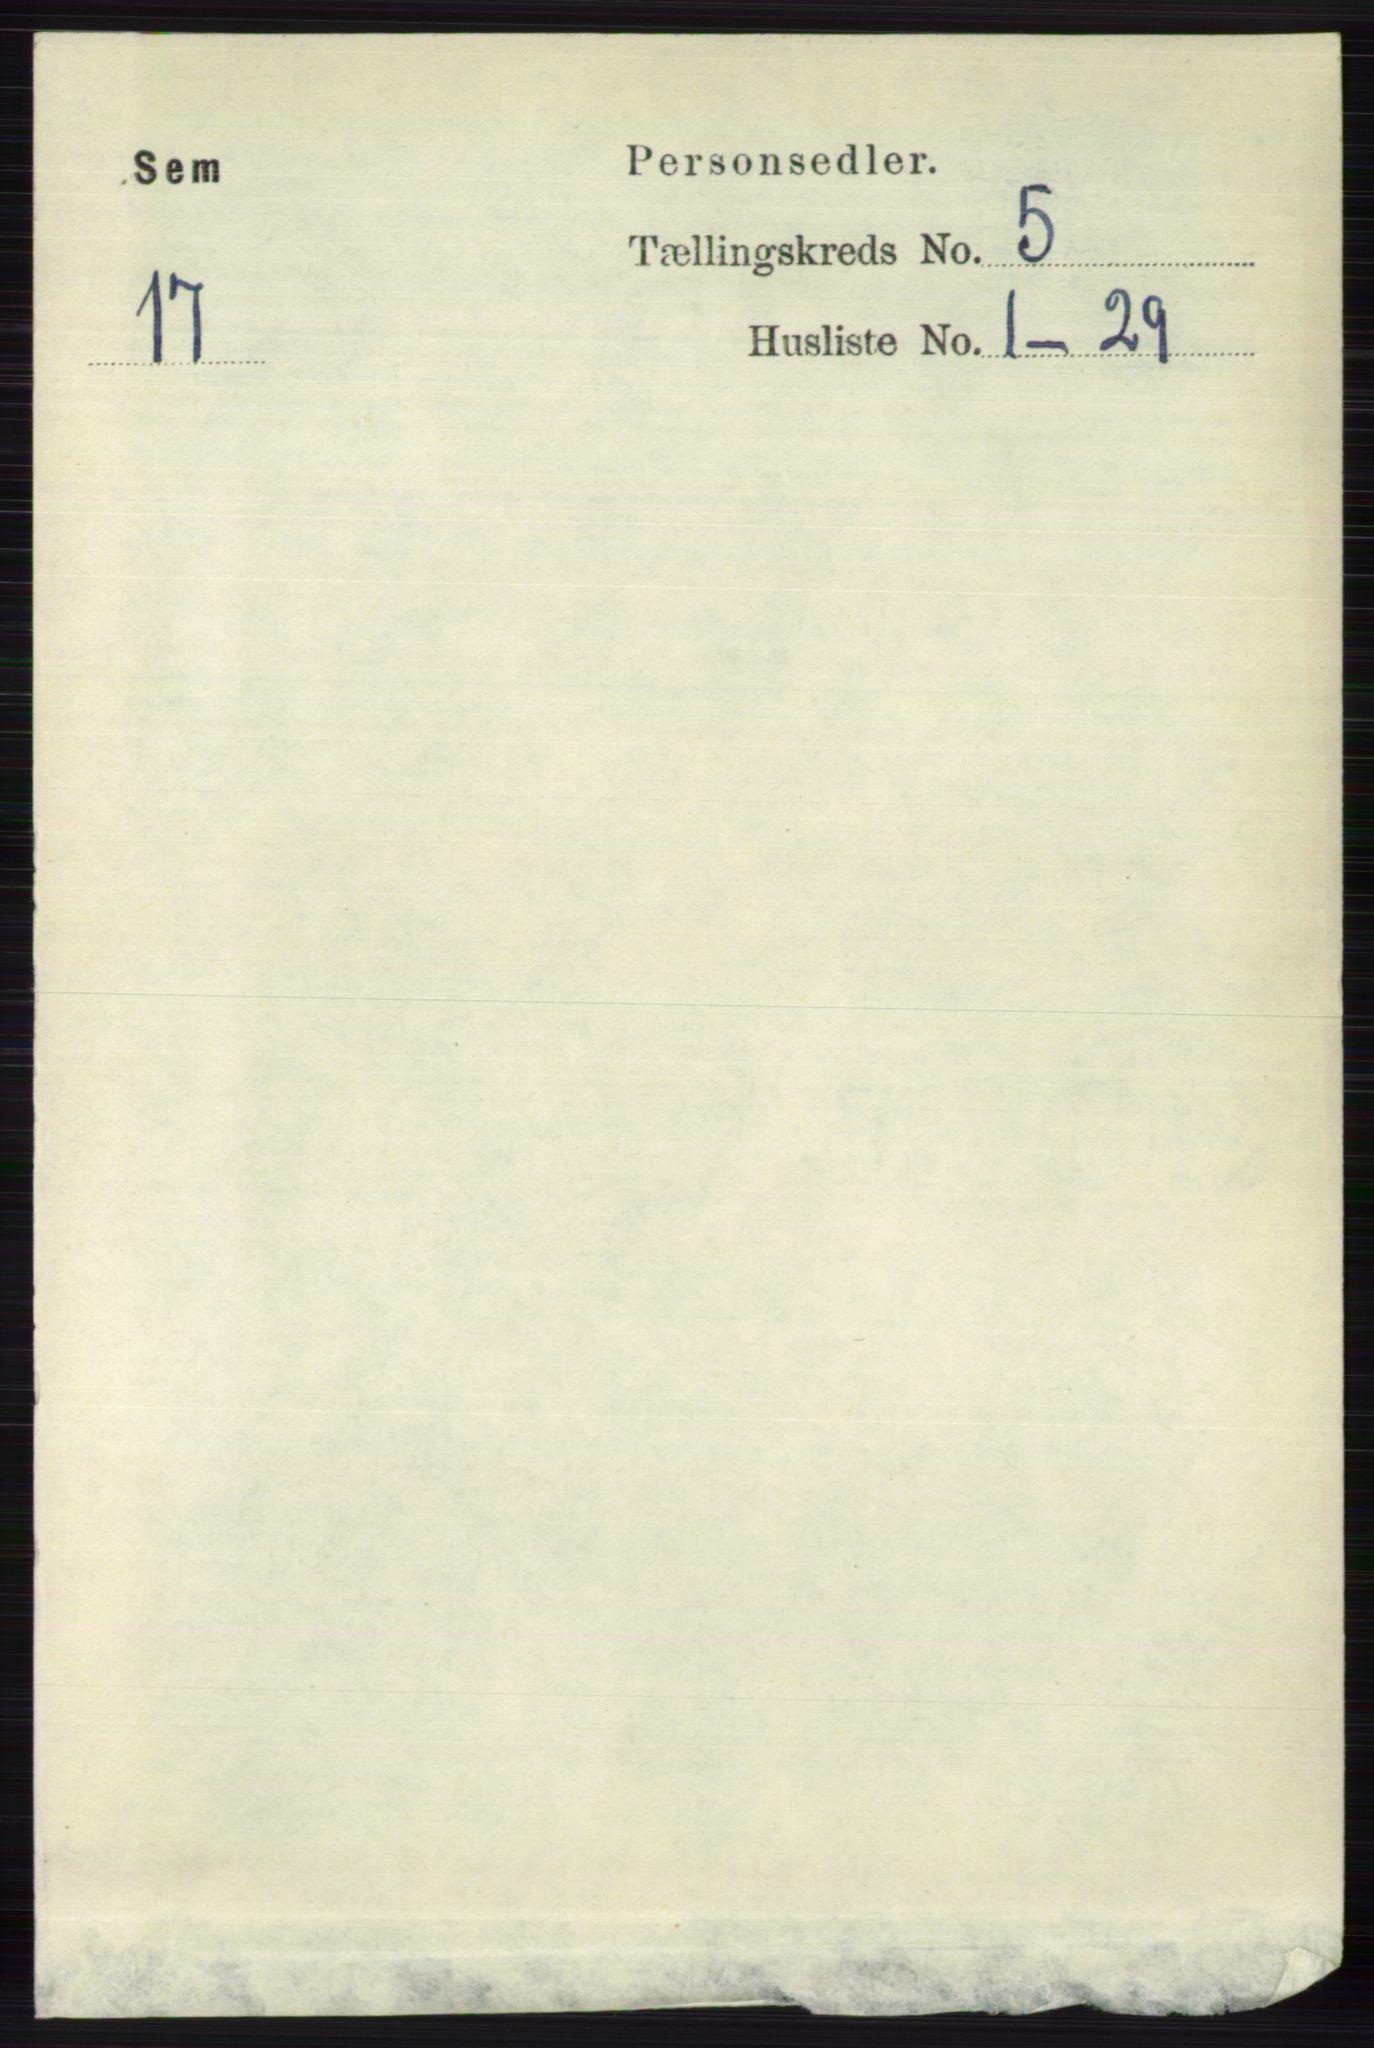 RA, Folketelling 1891 for 0721 Sem herred, 1891, s. 2061